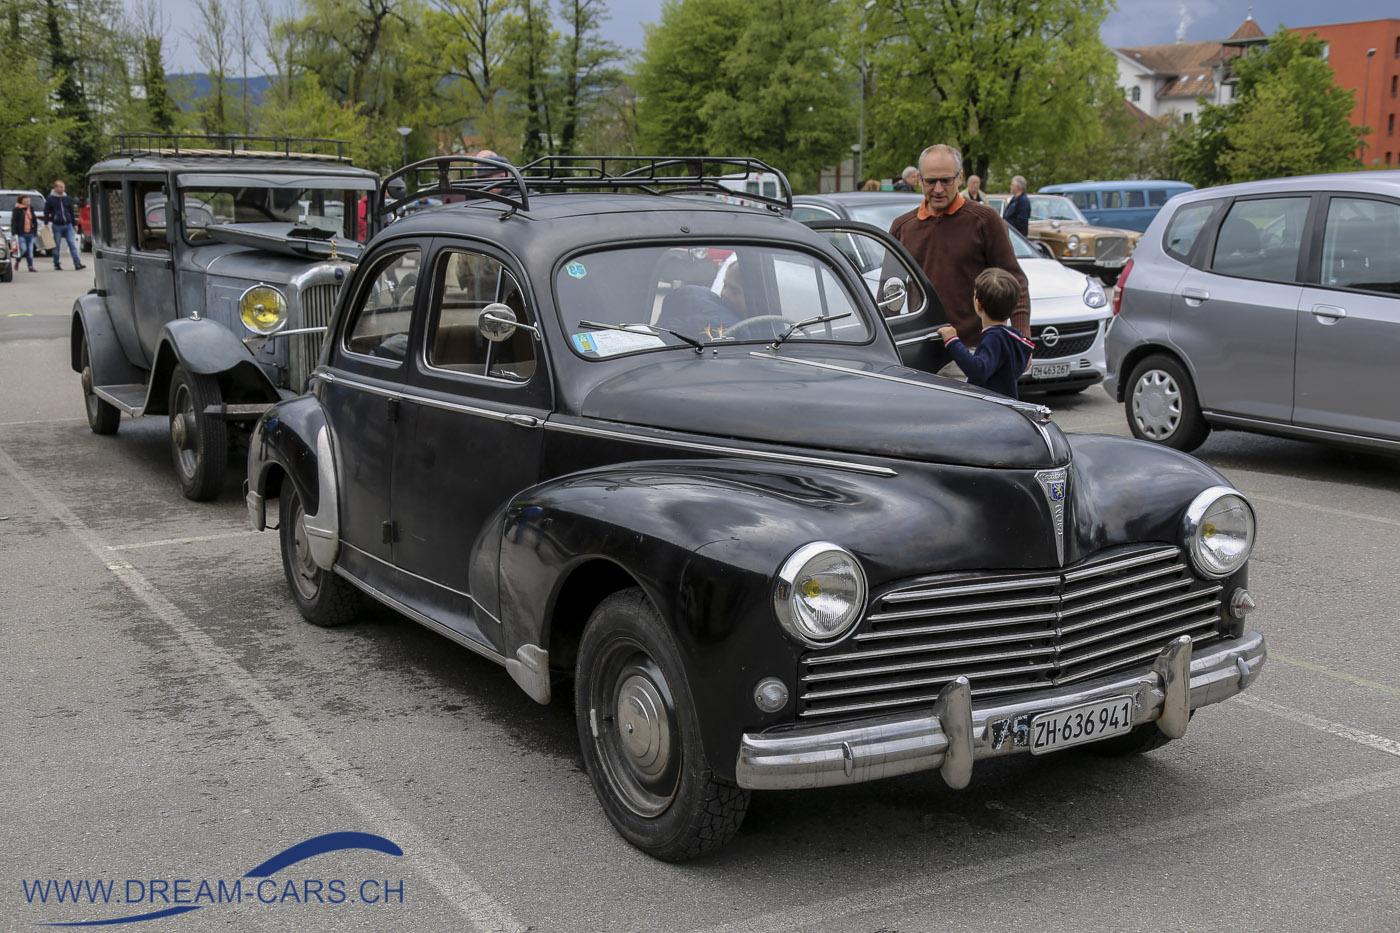 Peugeot 203 und Citroën C4 in wunderschönem Originalzustand